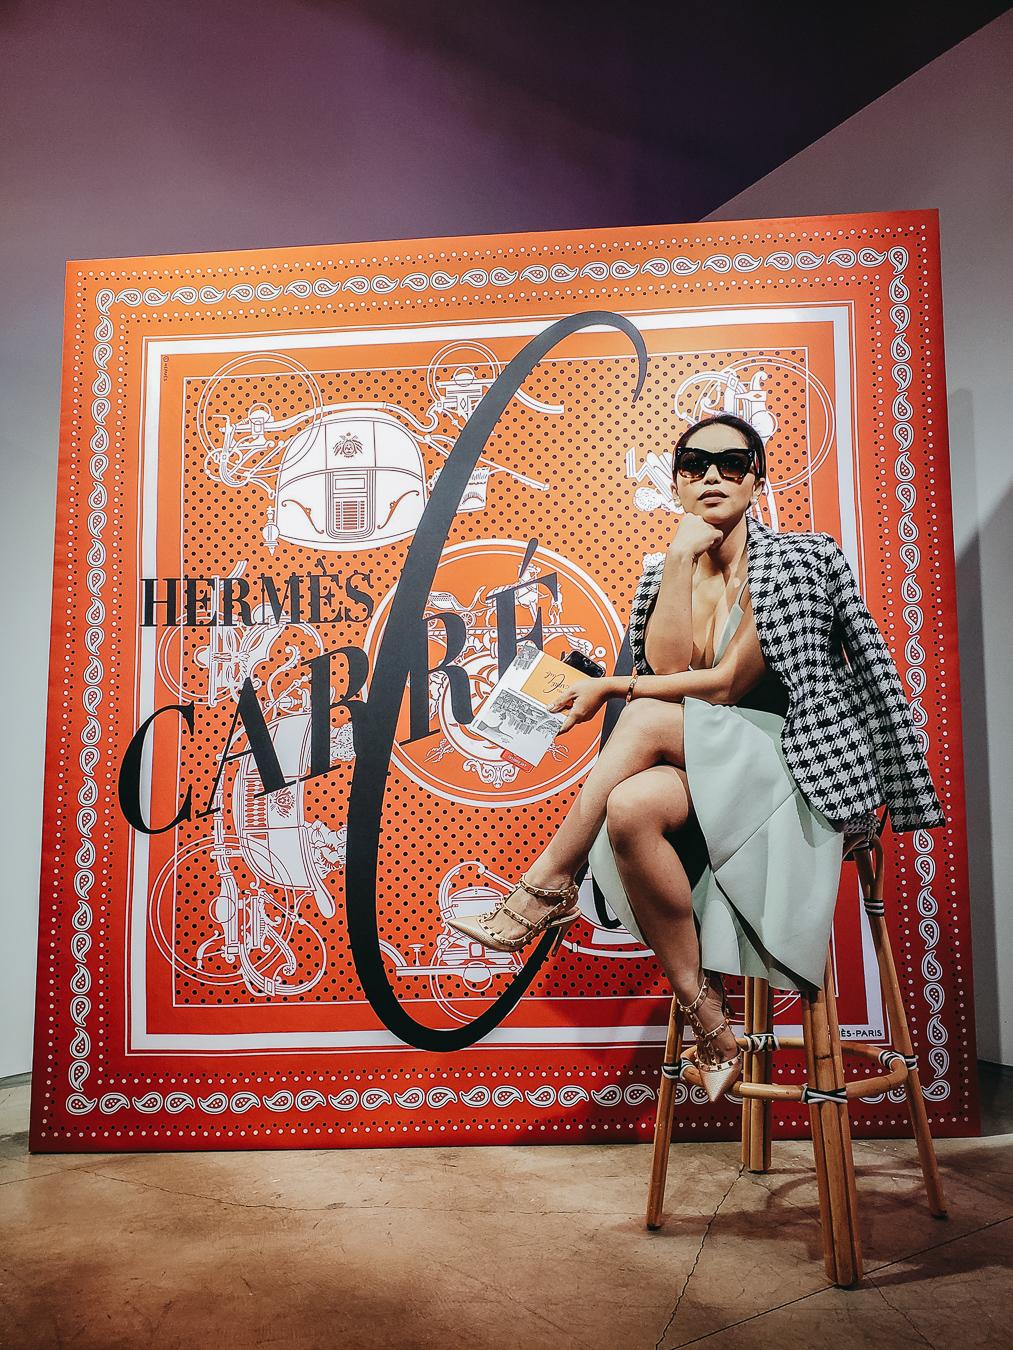 Hermès Carré Club L.A